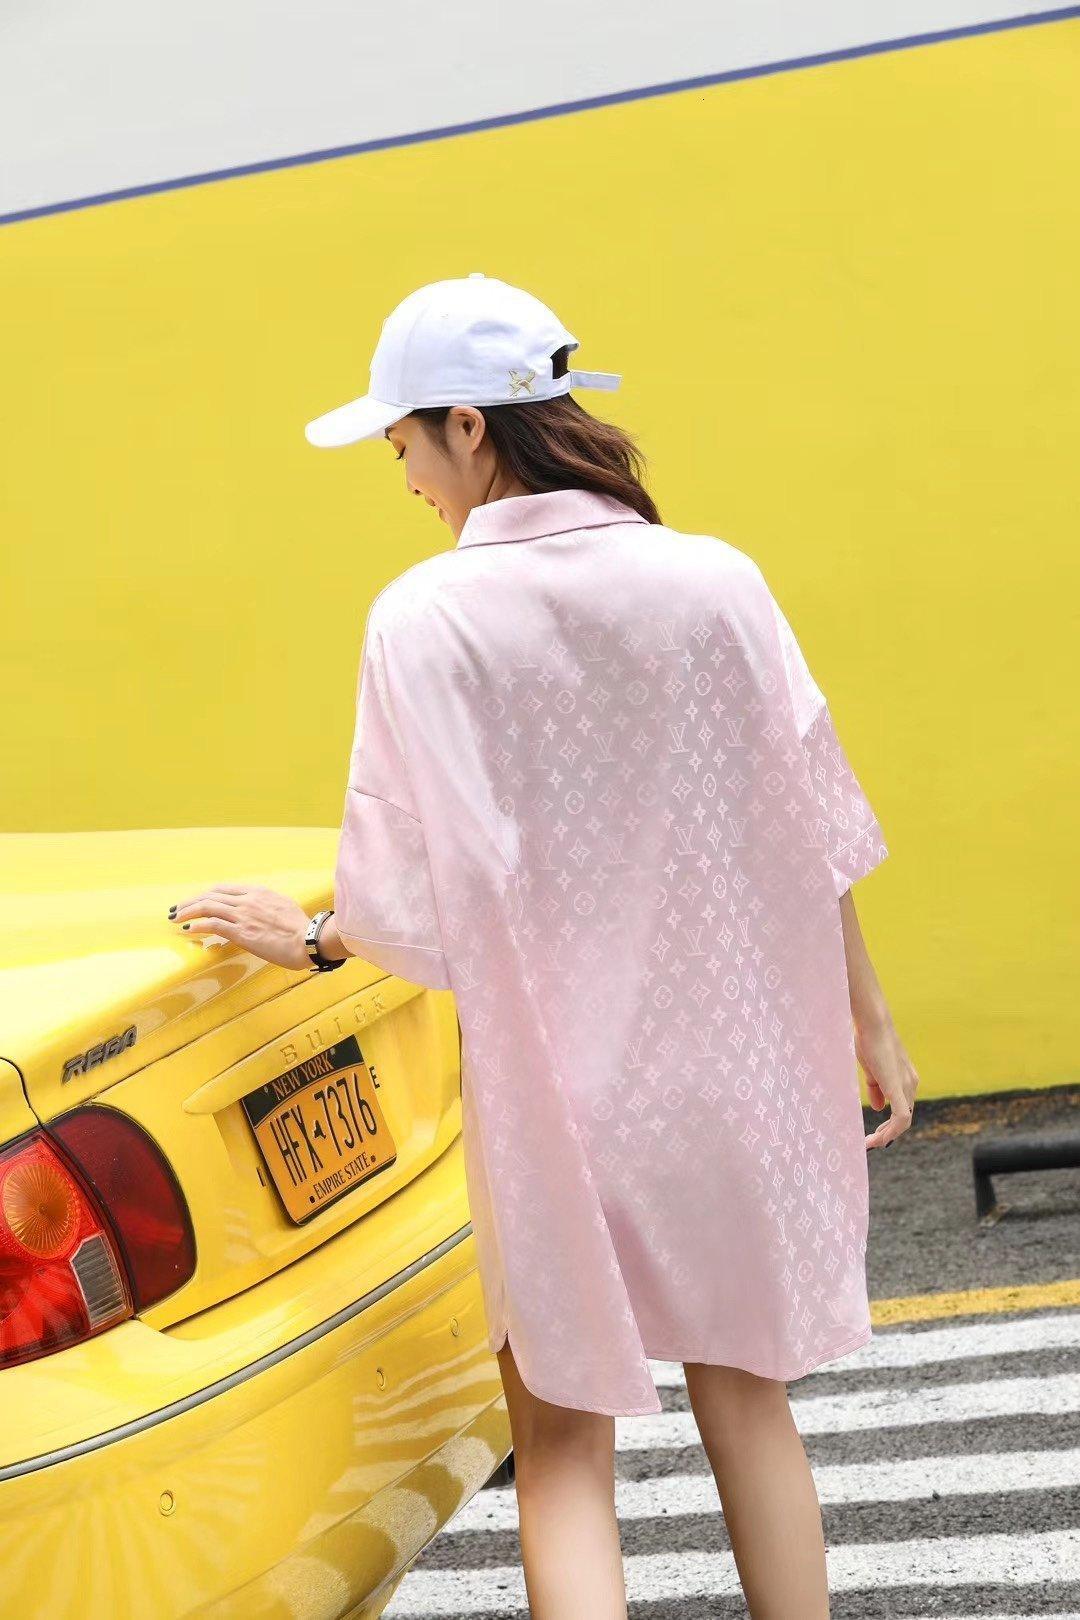 Tasarımcı bluz yaz kadın sıcak koştu iyi toptan bahar cazibesi 5N6J P2VY P2VY bluz kadınlar için bluzlar üstleri başında womens